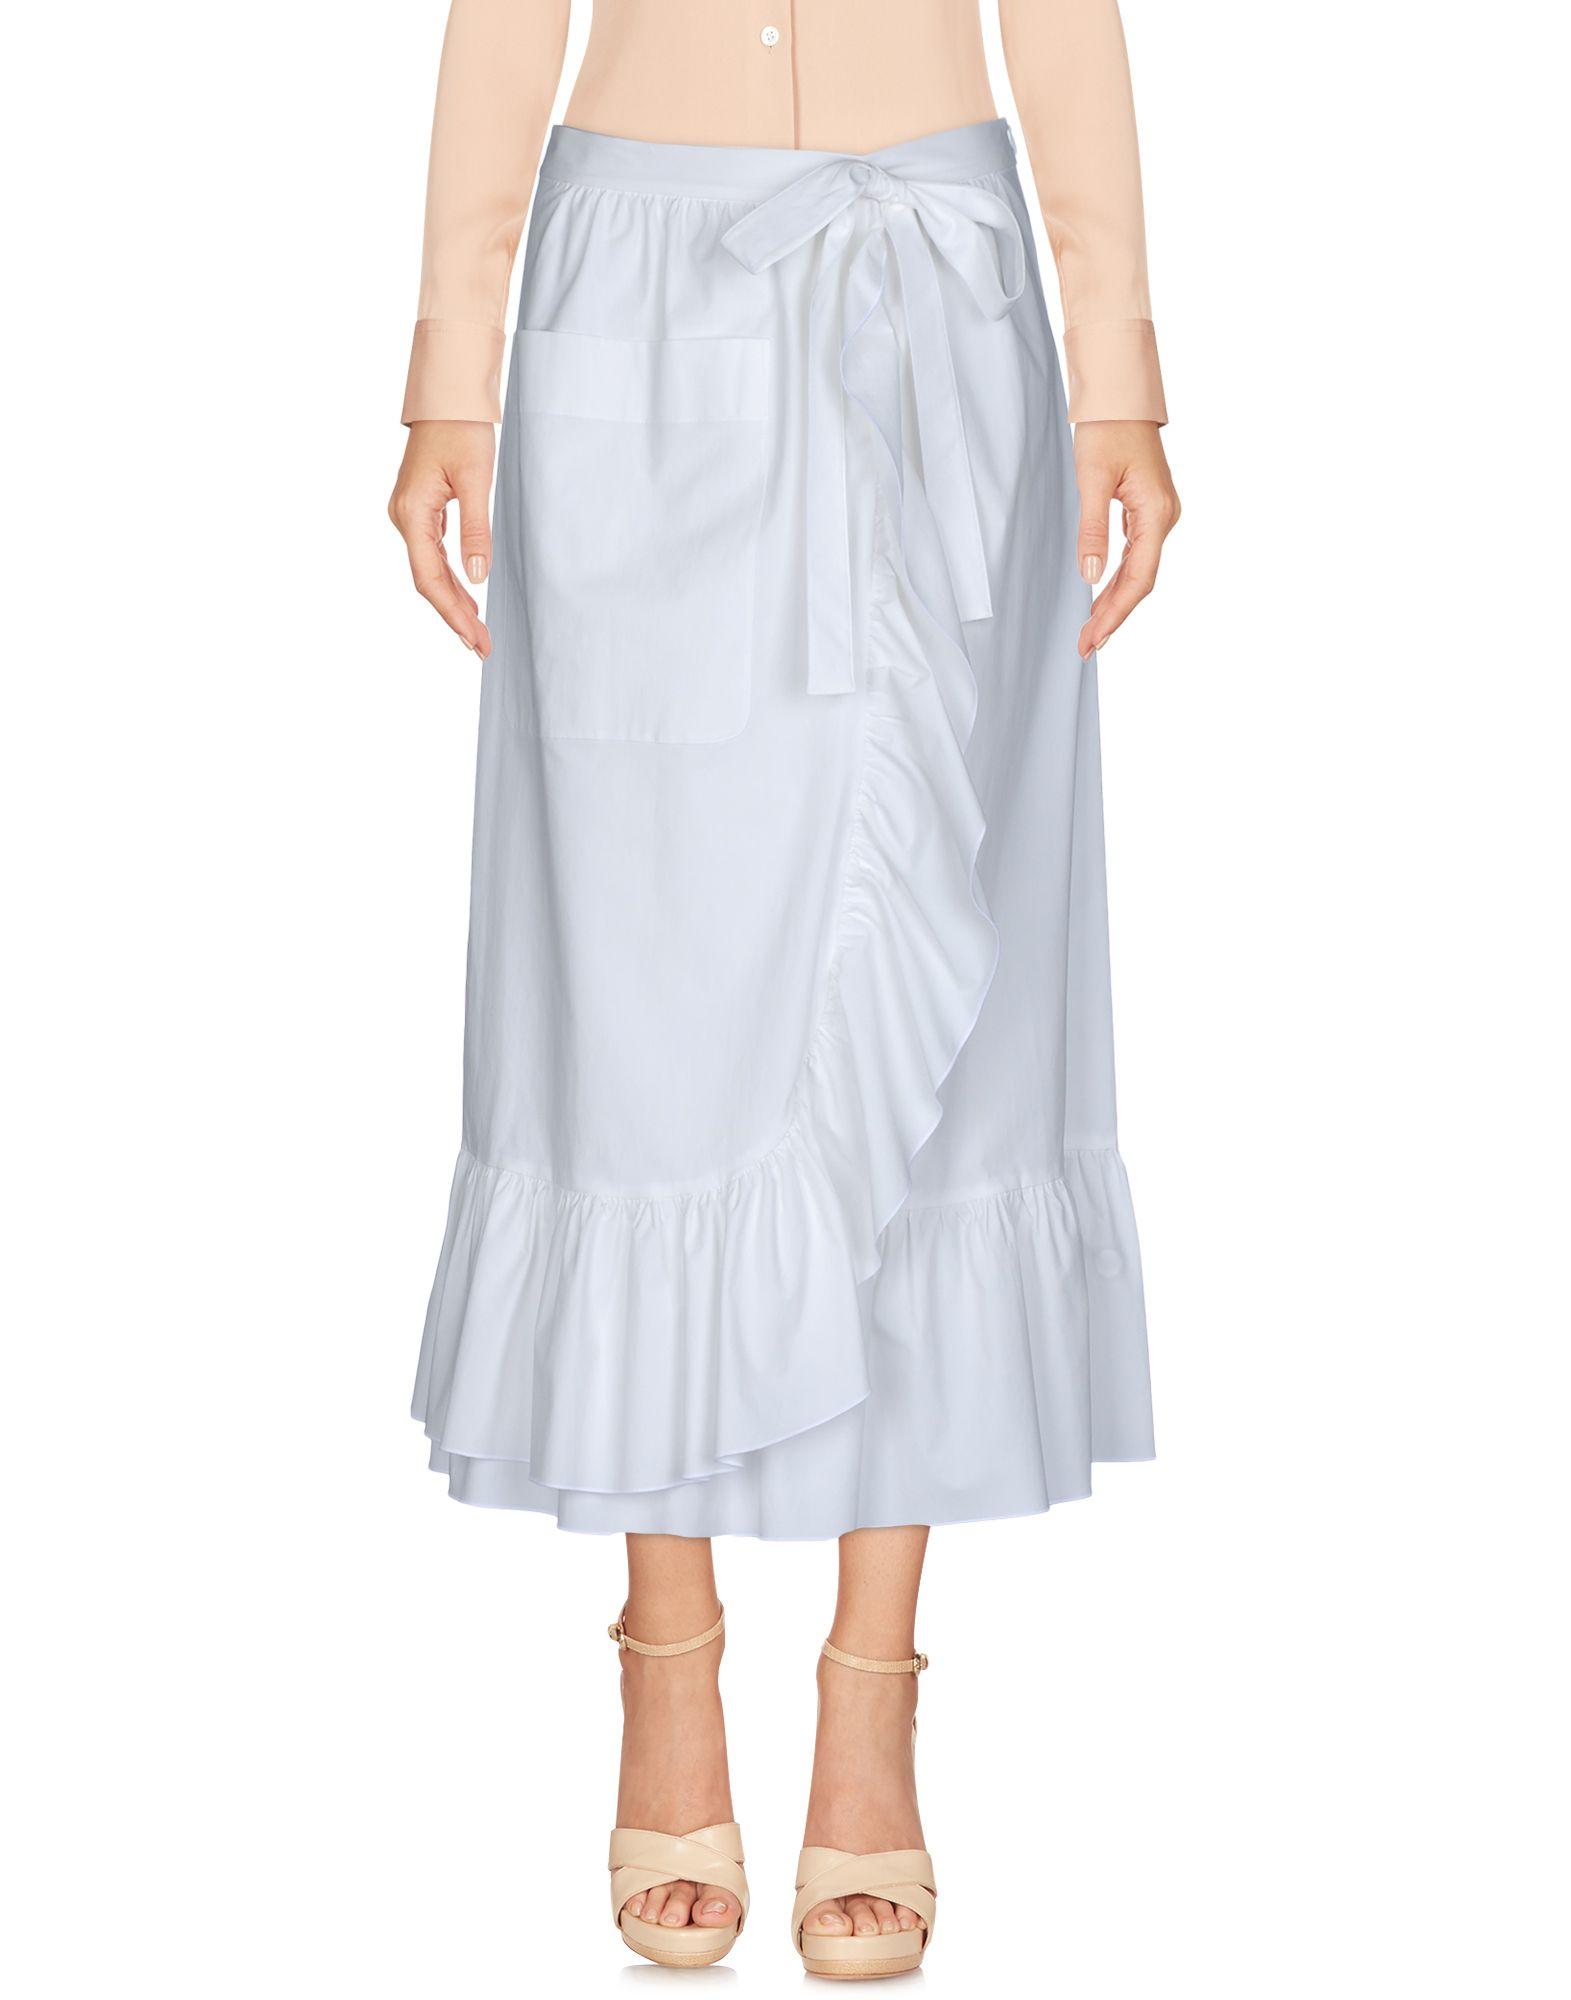 BOUTIQUE MOSCHINO Damen Midirock Farbe Weiß Größe 5 jetztbilligerkaufen